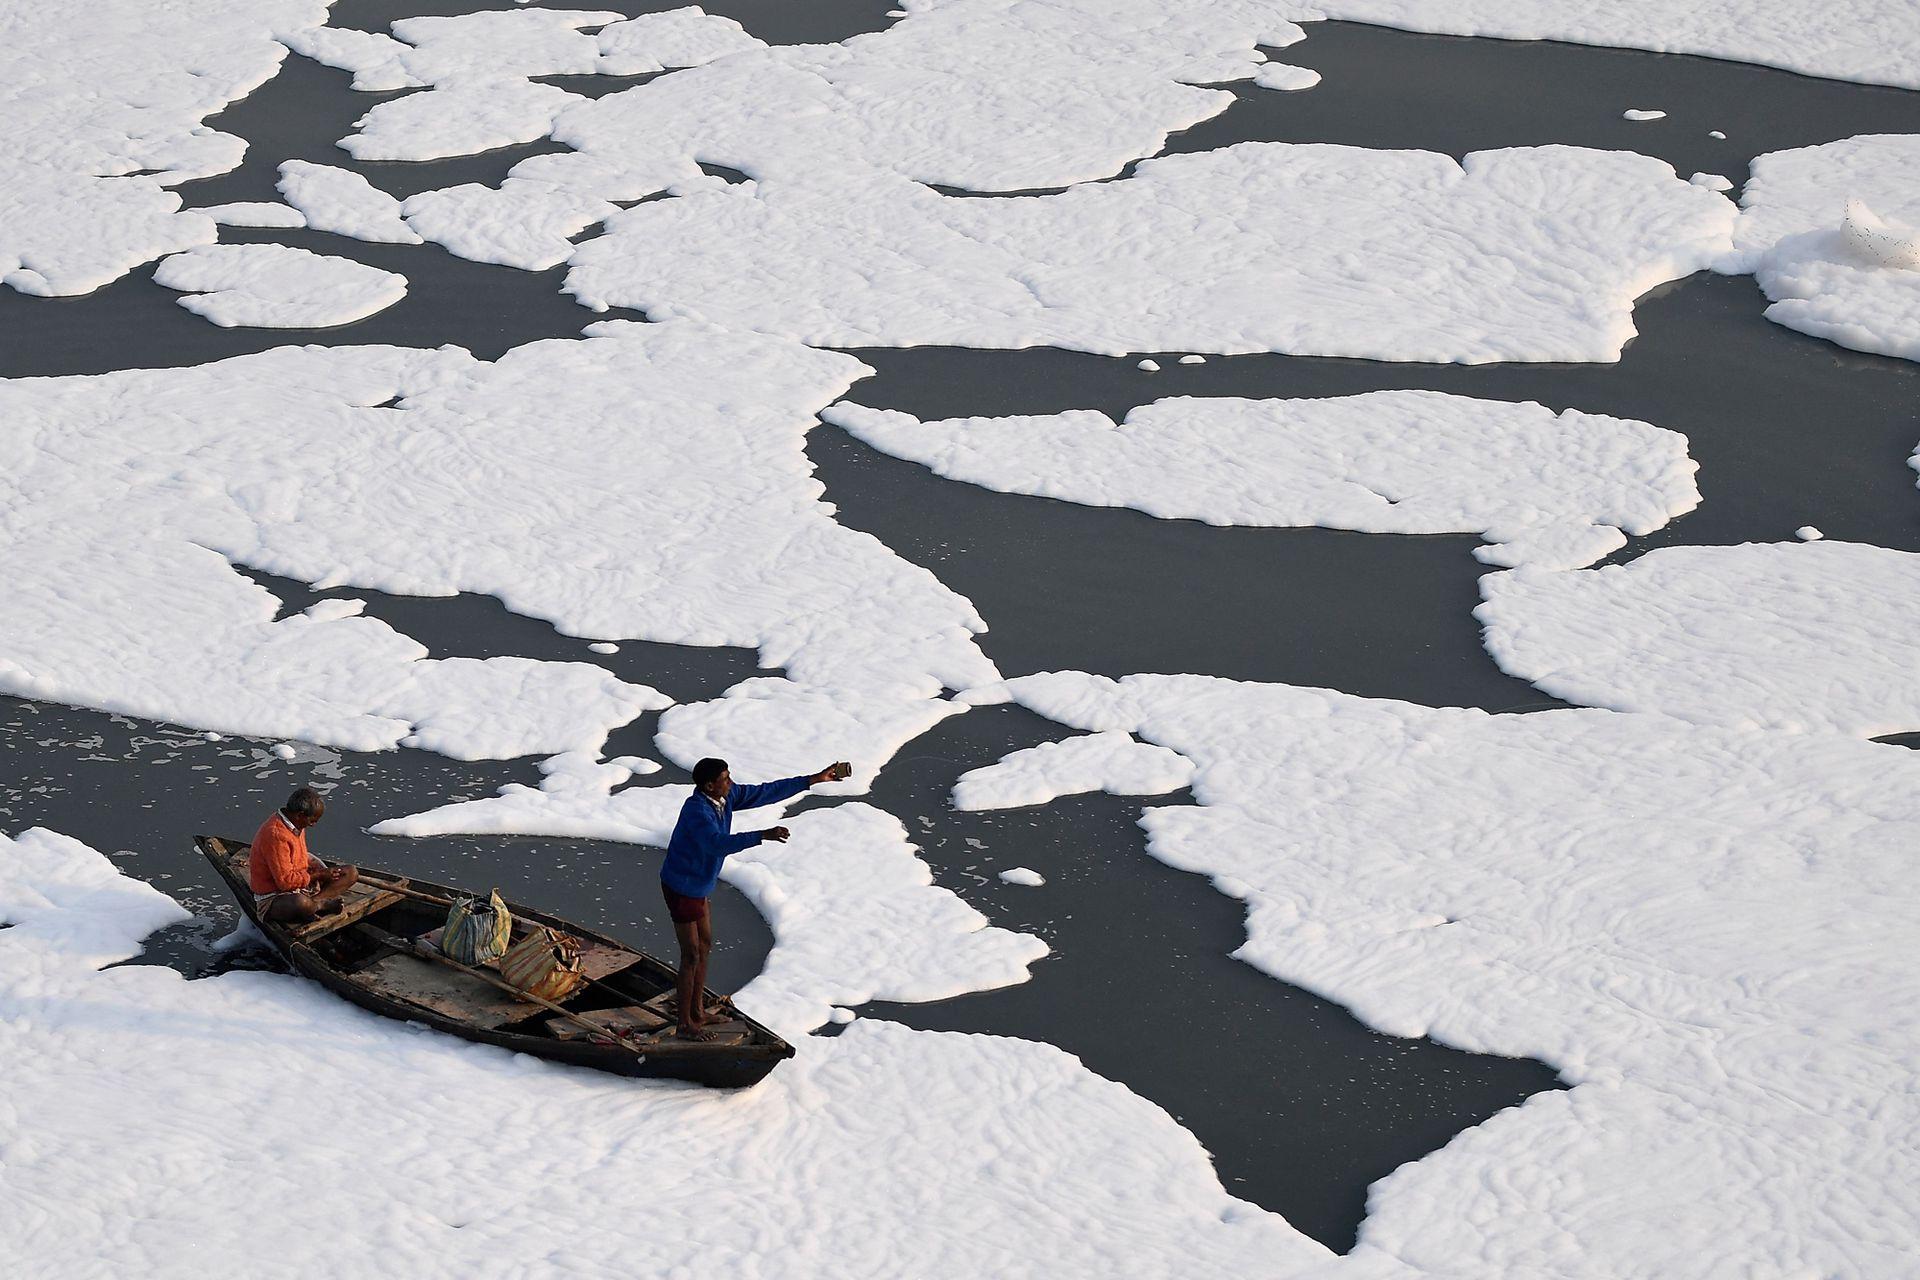 India es uno de los países que más problemas tiene con la contaminación ya sea de agua o del aire; el 19 de noviembre de 2020, un grupo de hombres remaban en un bote en las contaminadas aguas del río Yamuna cubiertas de espuma en Nueva Delhi; los esfuerzos globales para detener el cambio climático y mantener la Tierra habitable fracasarán sin un esfuerzo enorme de India que, según los expertos, necesitará voluntad política y un océano de dinero externo